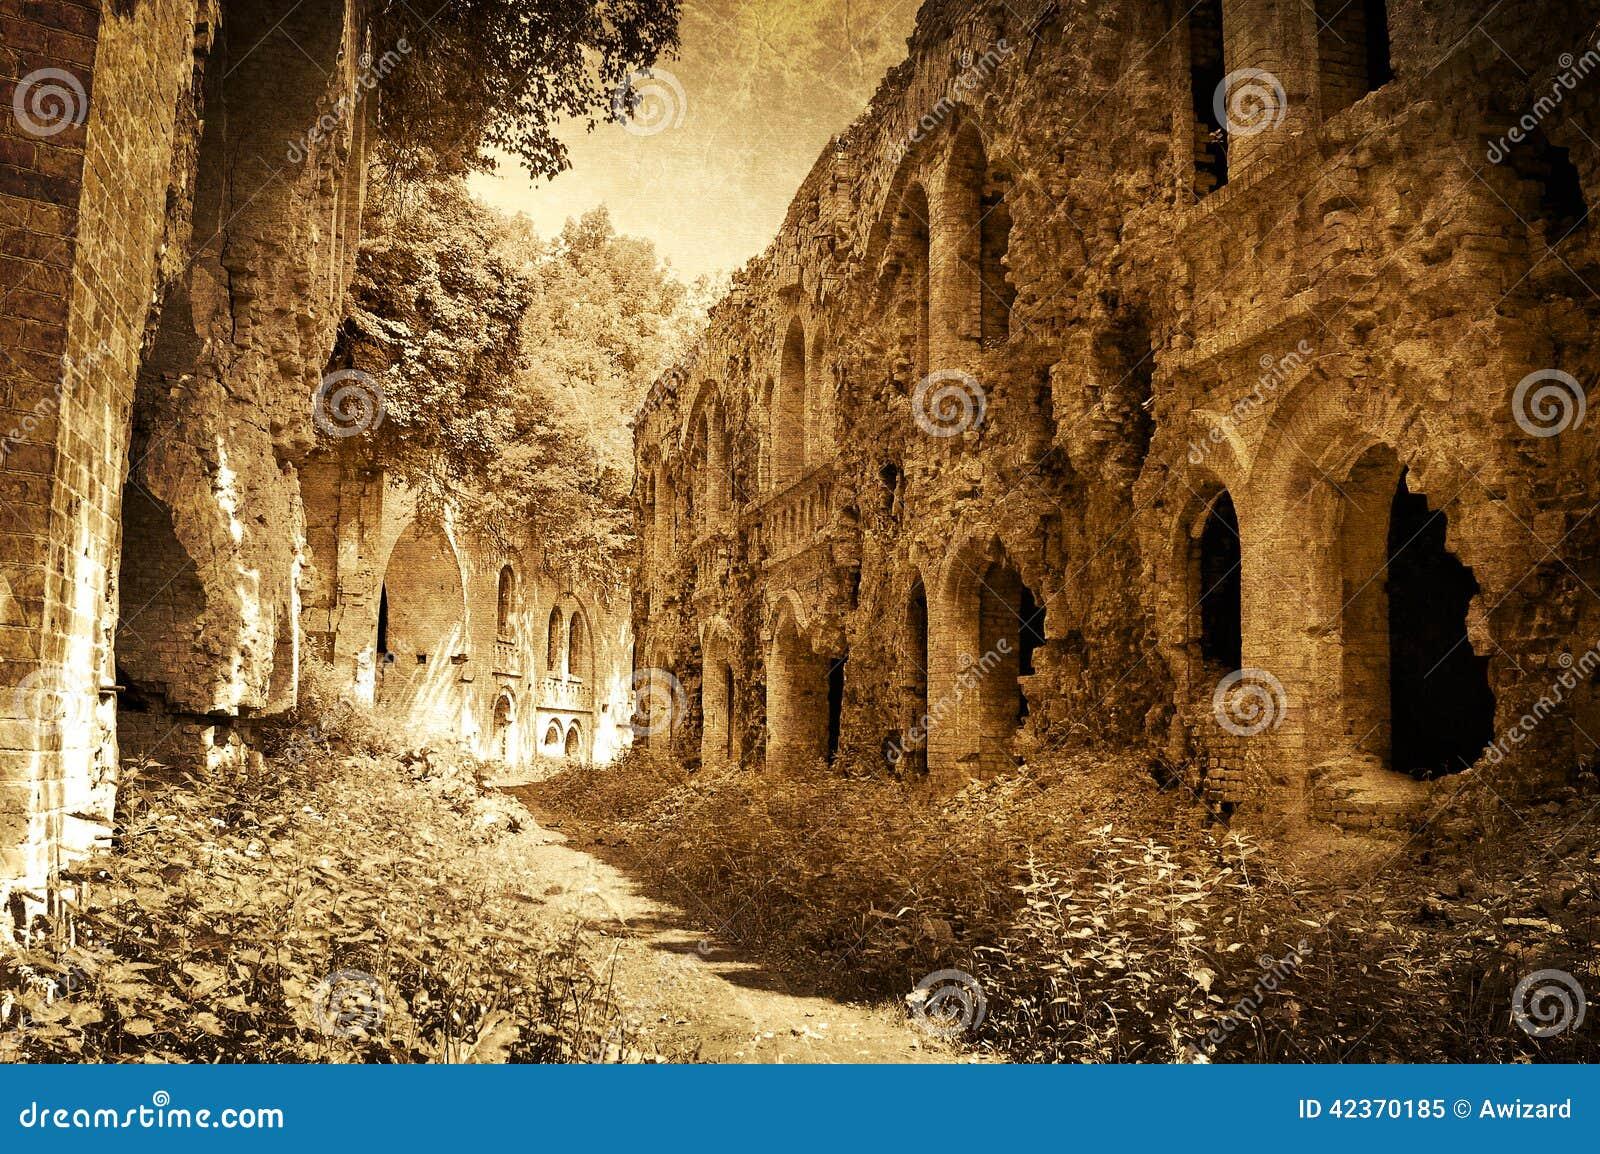 Ruinas del fuerte antiguo, Ucrania, imagen artística